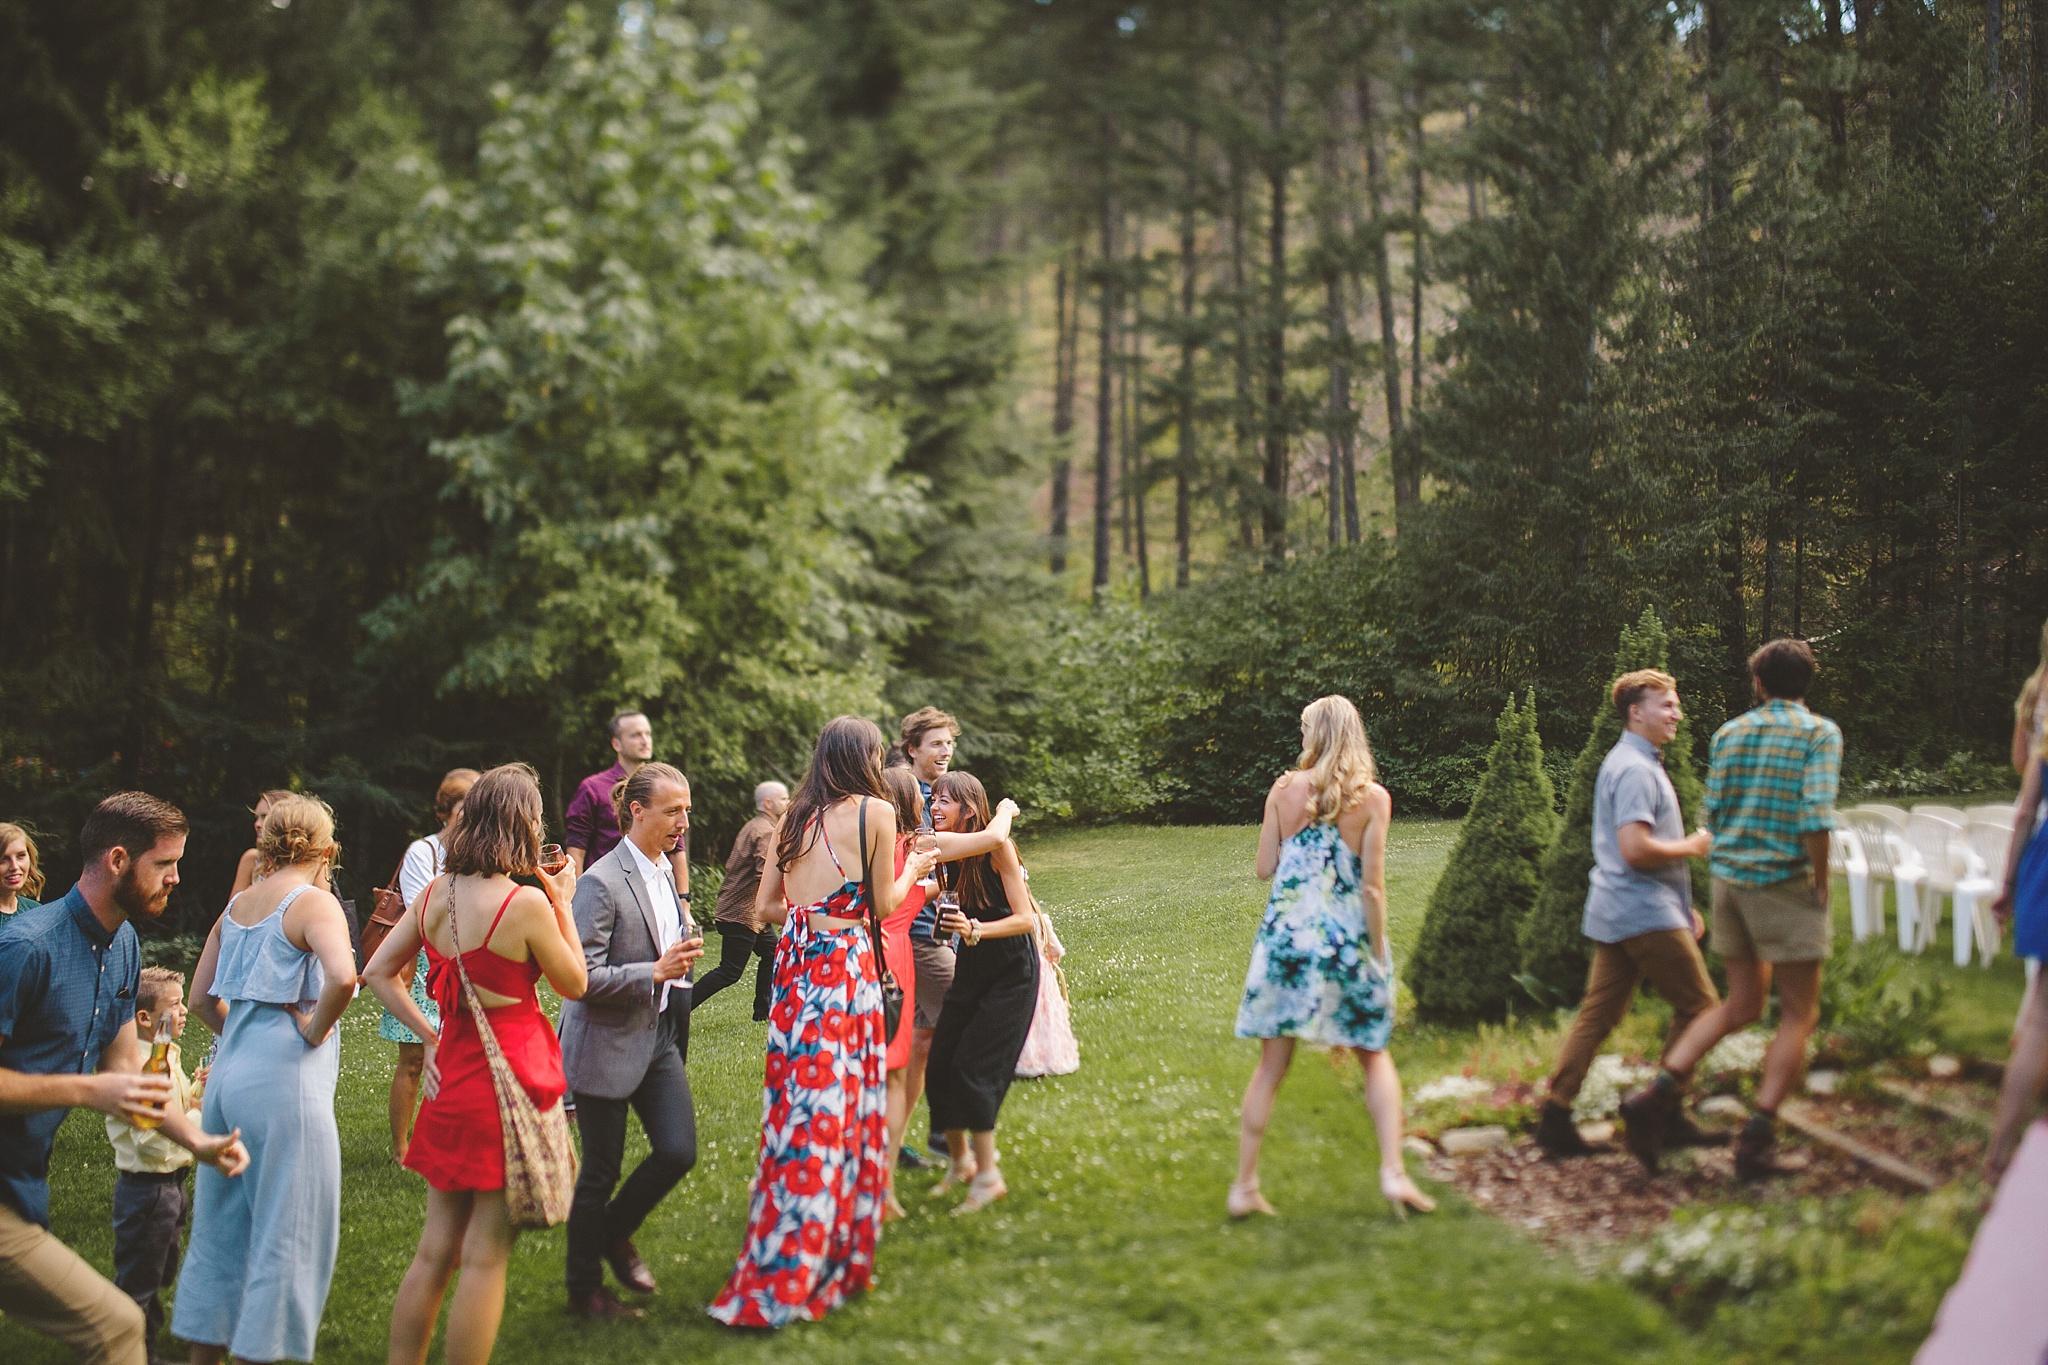 outdoor wedding venue in washington